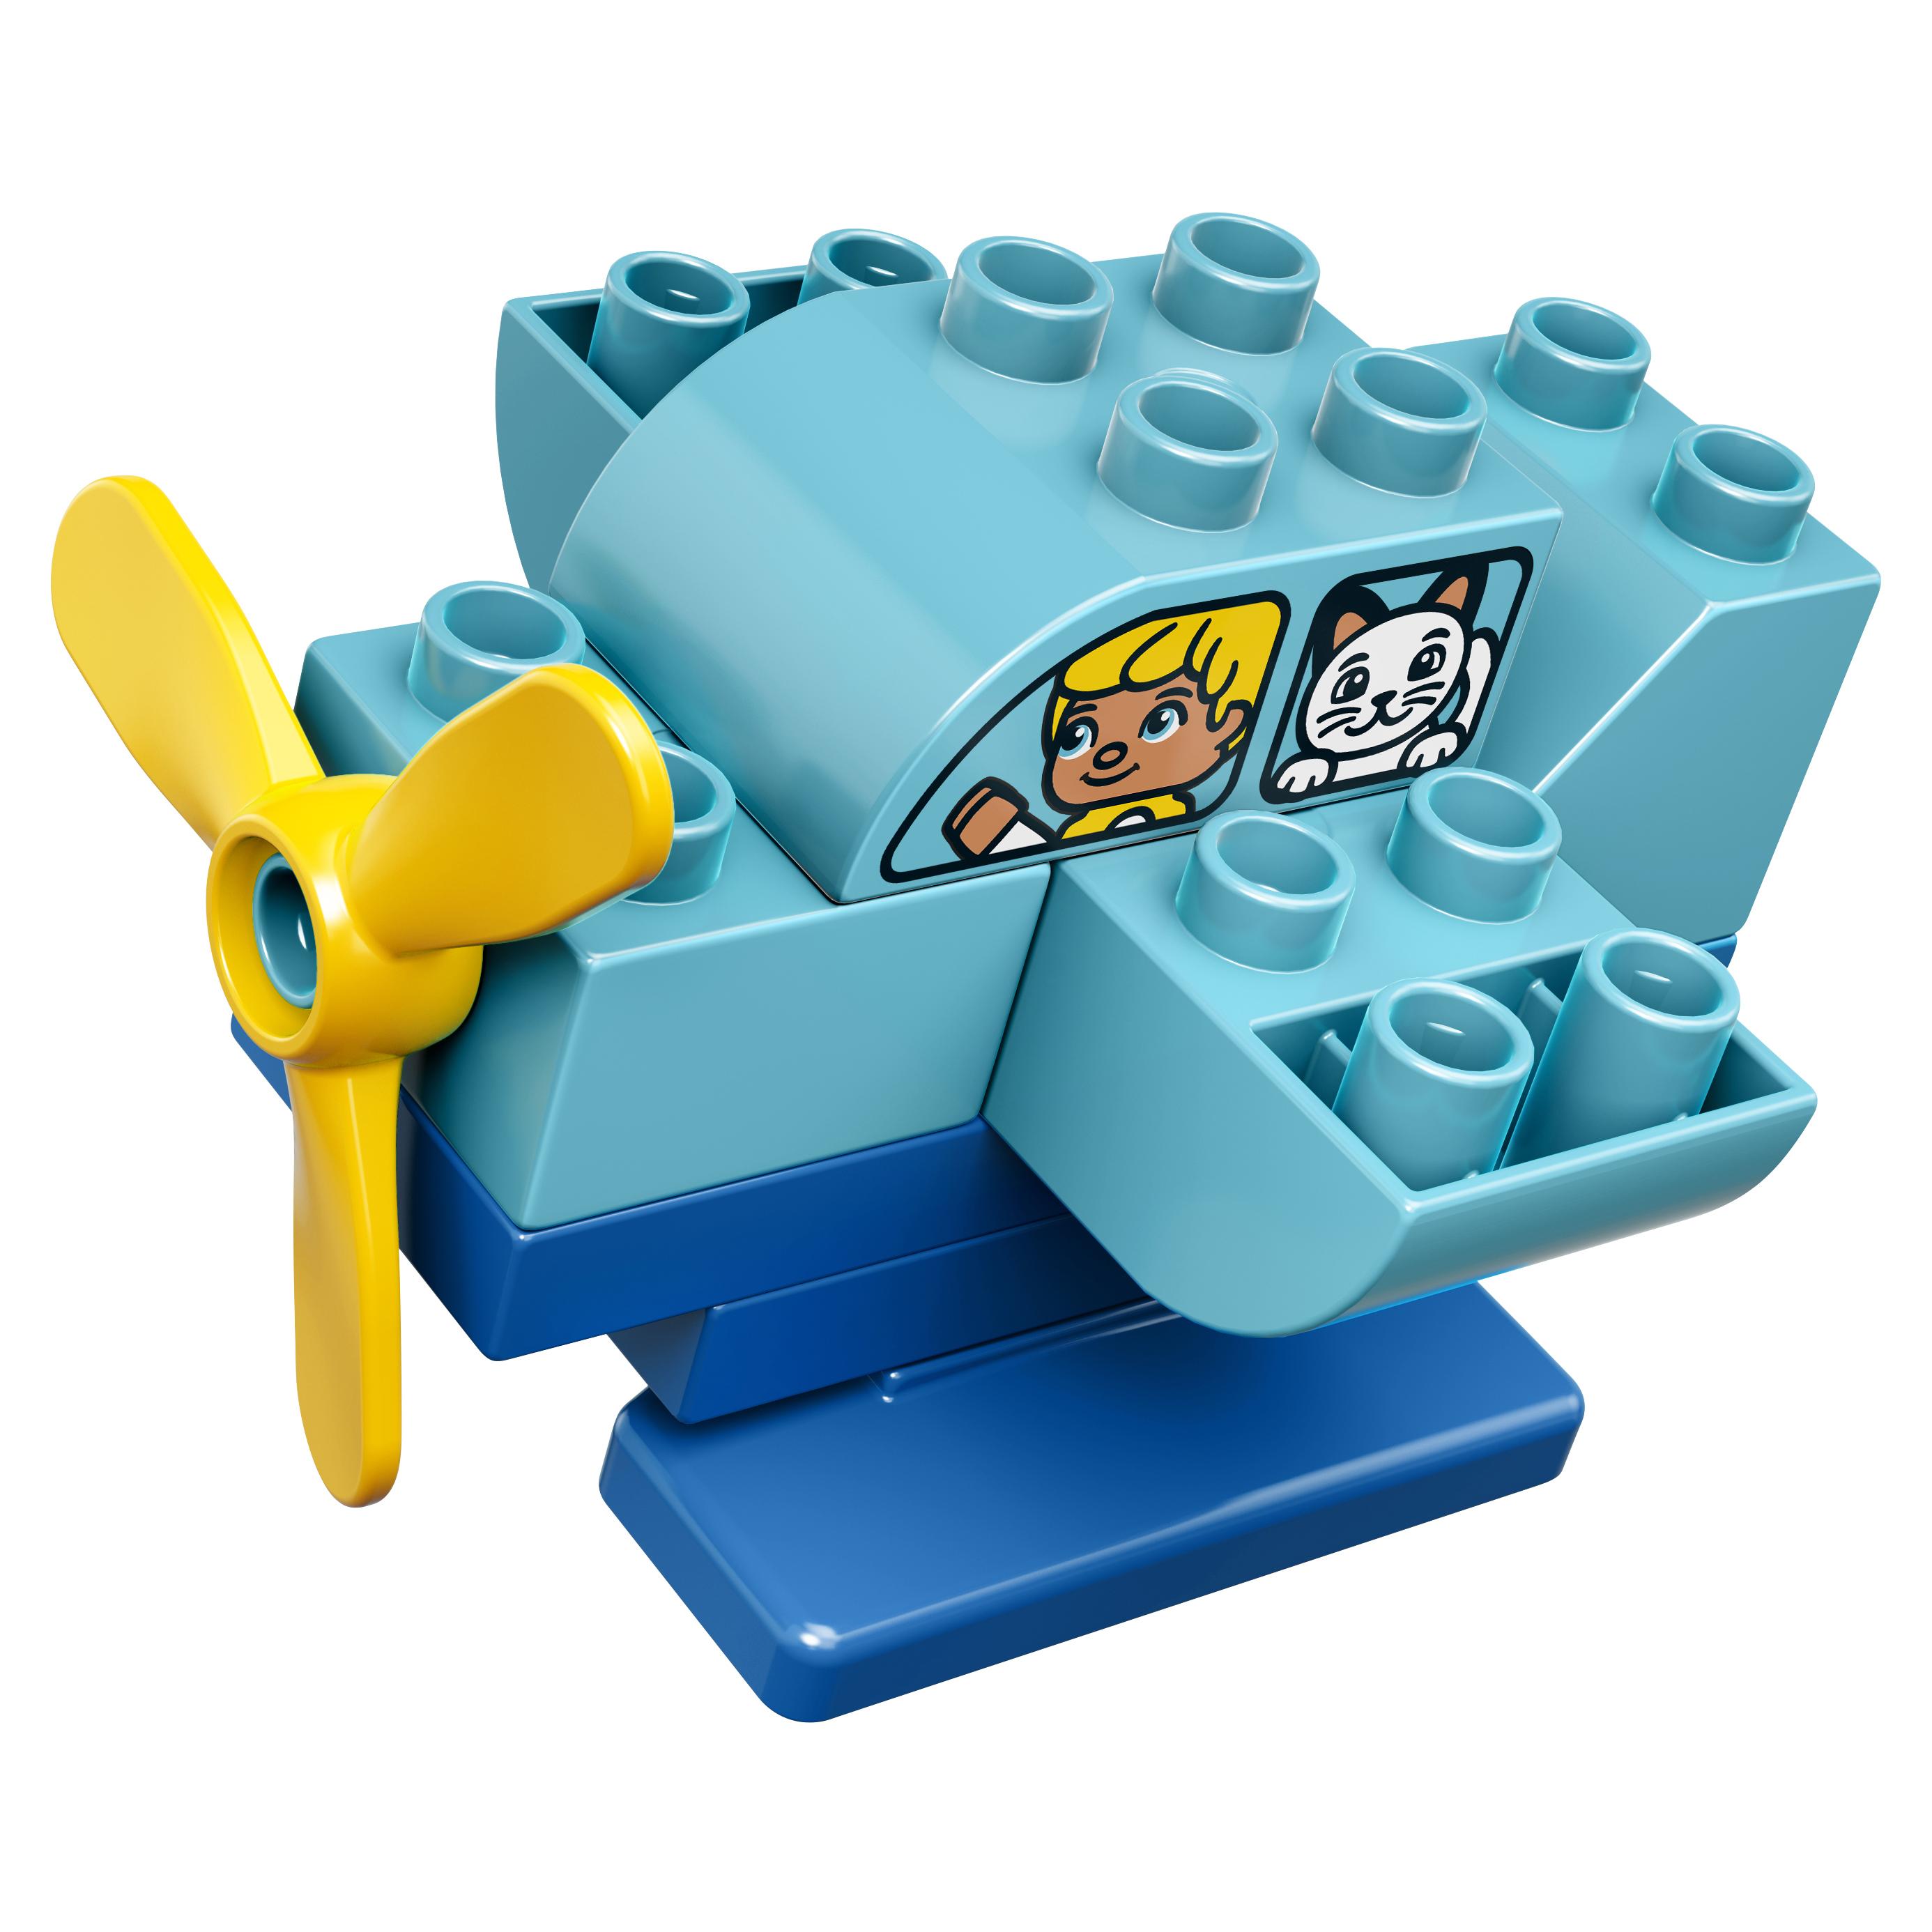 Купить Конструктор lego duplo my first мой первый самолёт (10849), Конструктор LEGO Duplo My First Мой первый самолёт (10849)